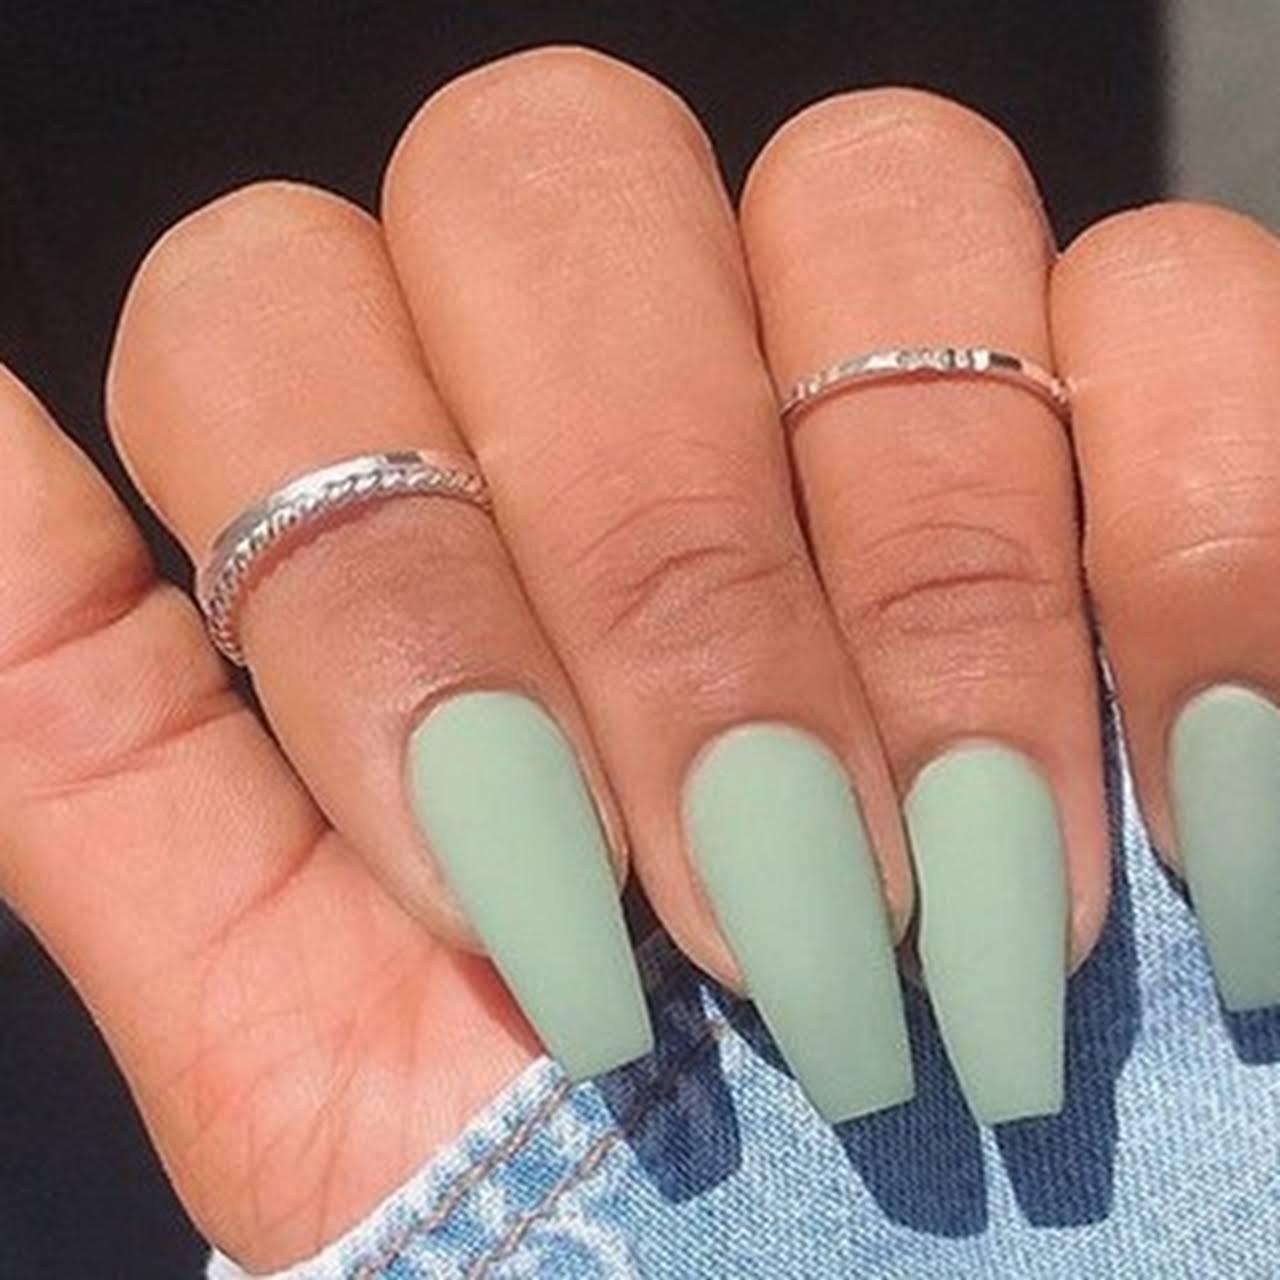 dip nail colors 2020